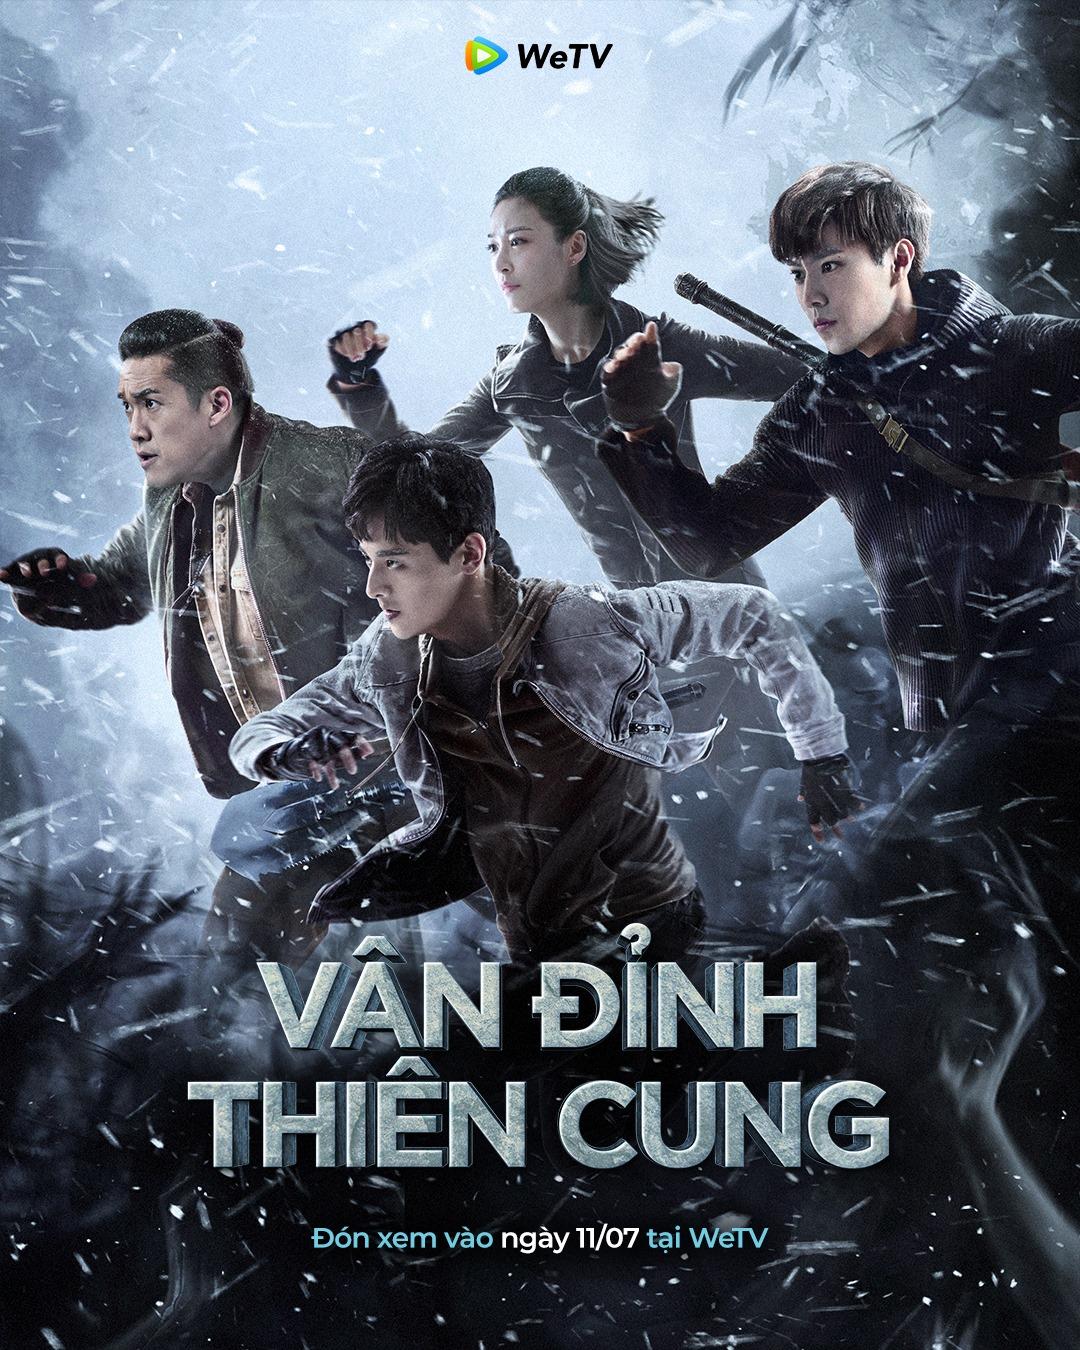 Đạo Mộ Bút Ký 4: Vân Đỉnh Thiên Cung - The Lost Tomb 4: Explore With the Note (2021)